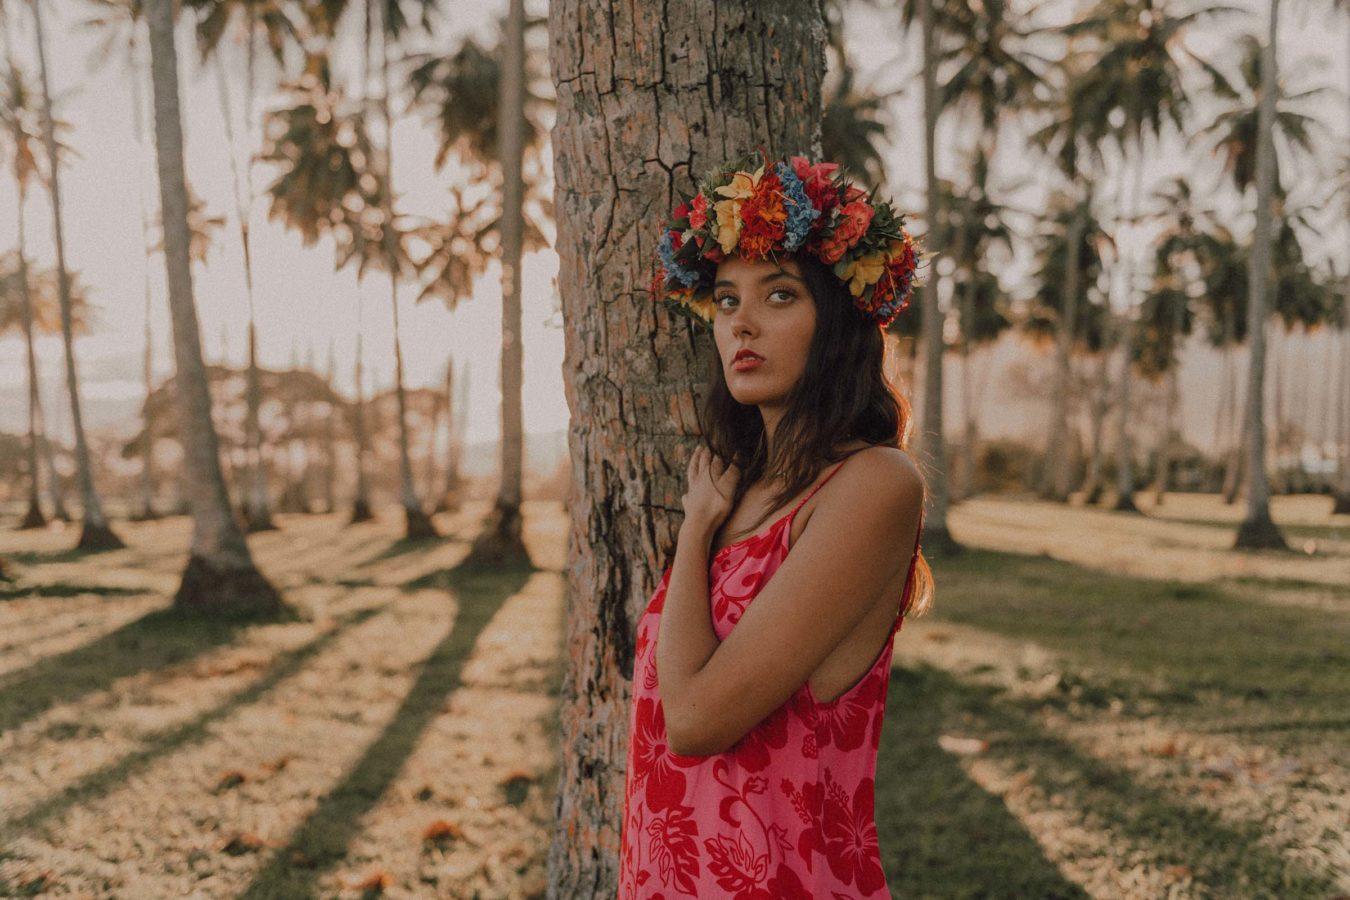 Séance photo sous les cocotiers à Tahiti